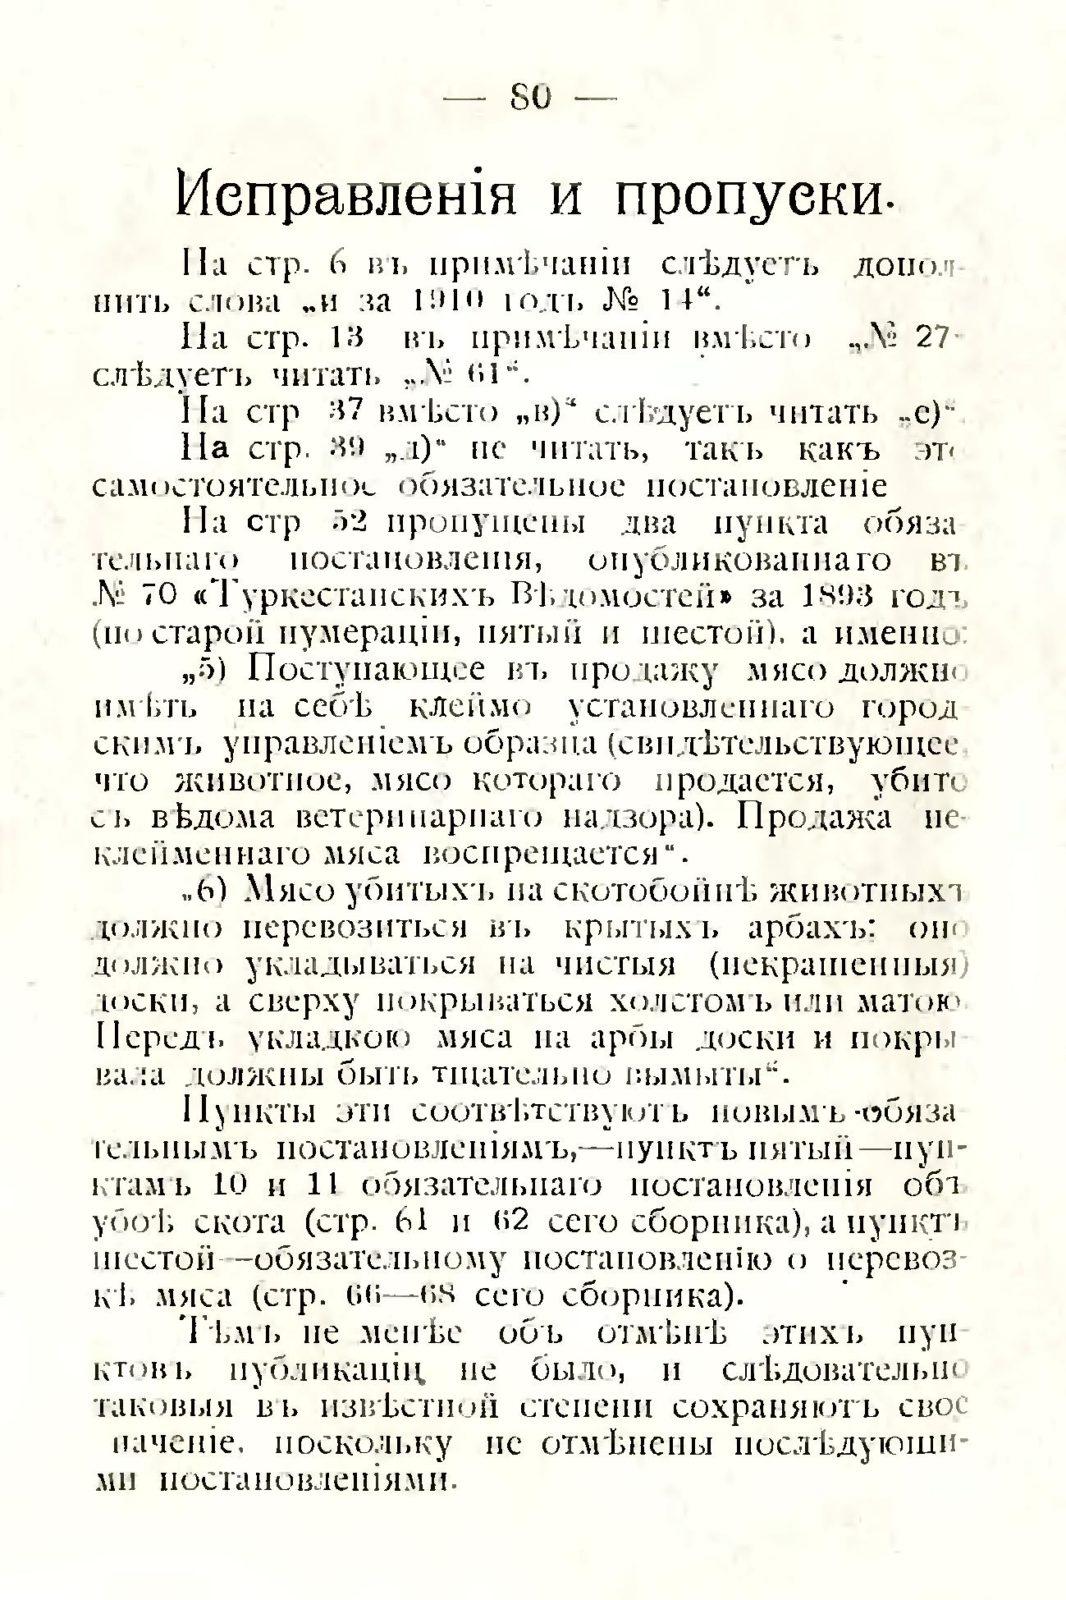 sbornik_obyazatelnyh_postanovlenii_tashkentskoi_gorodskoi_du_84